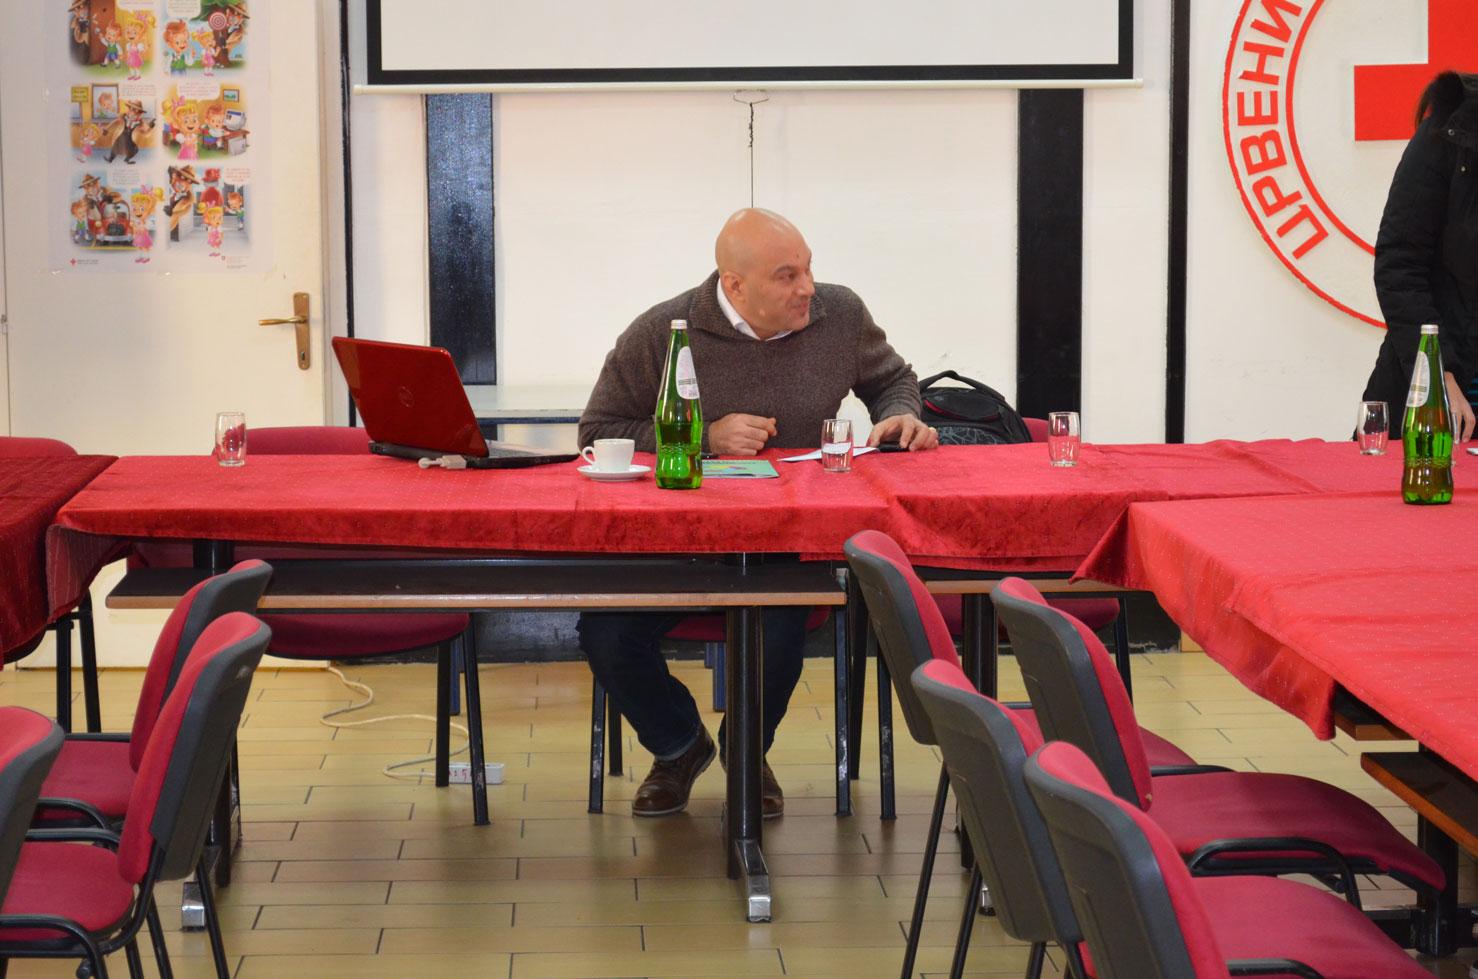 Roma centar socijalni monitoring u praksi slika 2